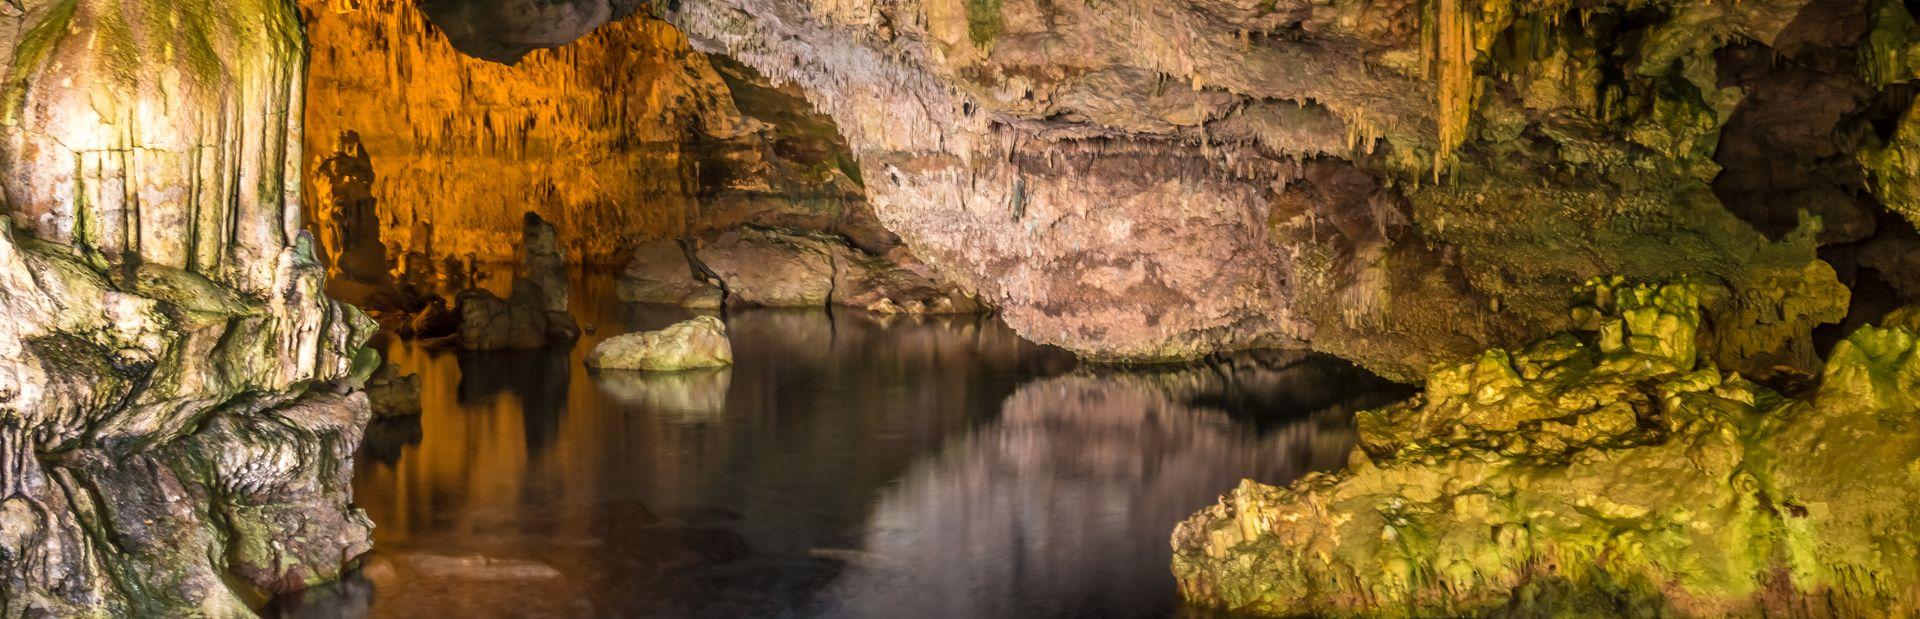 Grotta di Nettuno (Neptune's Grotto) Image 1